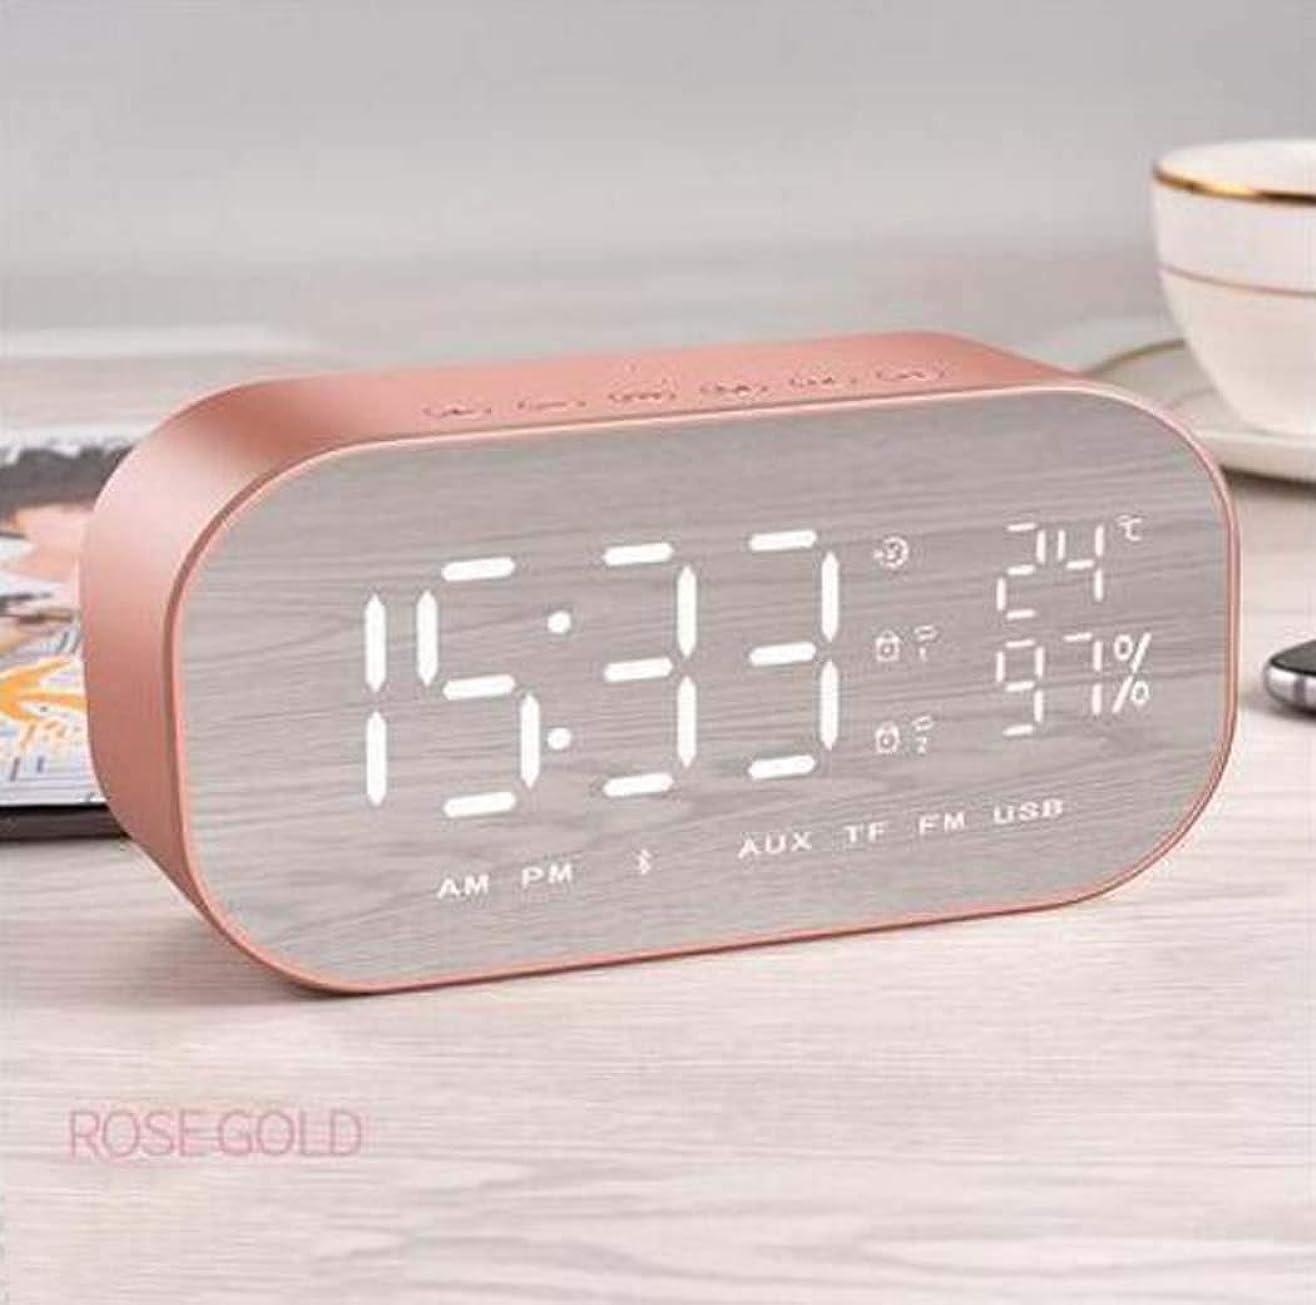 目覚まし時計スピーカーオーディオワイヤレス Bluetooth サブウーファーミニ